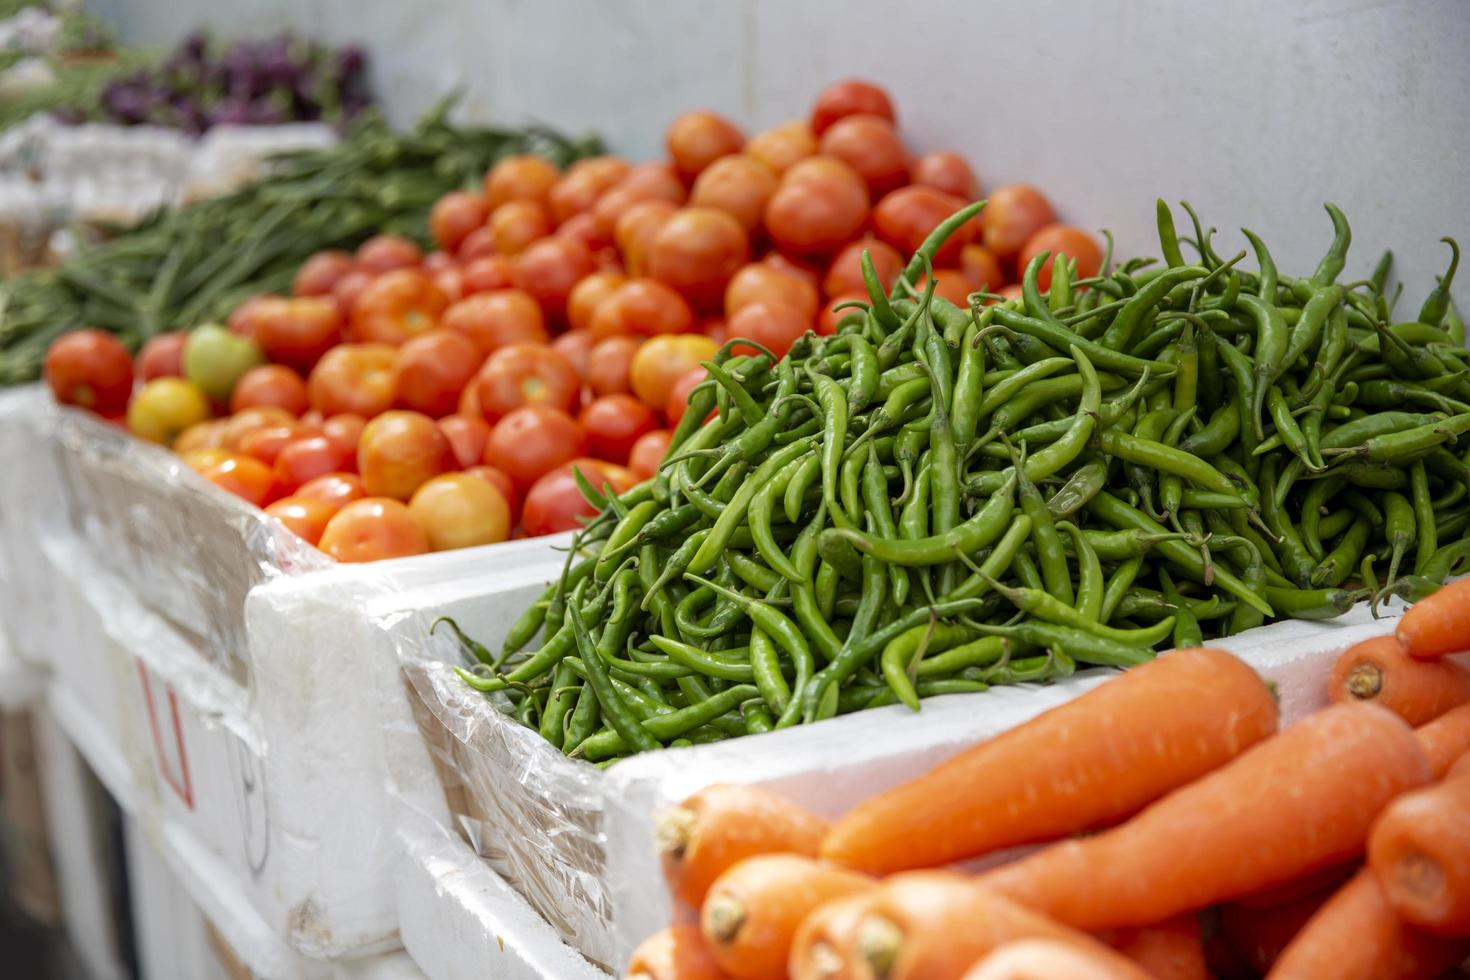 Grupo de tomates frescos y verduras orgánicas antecedentes en el mercado foto